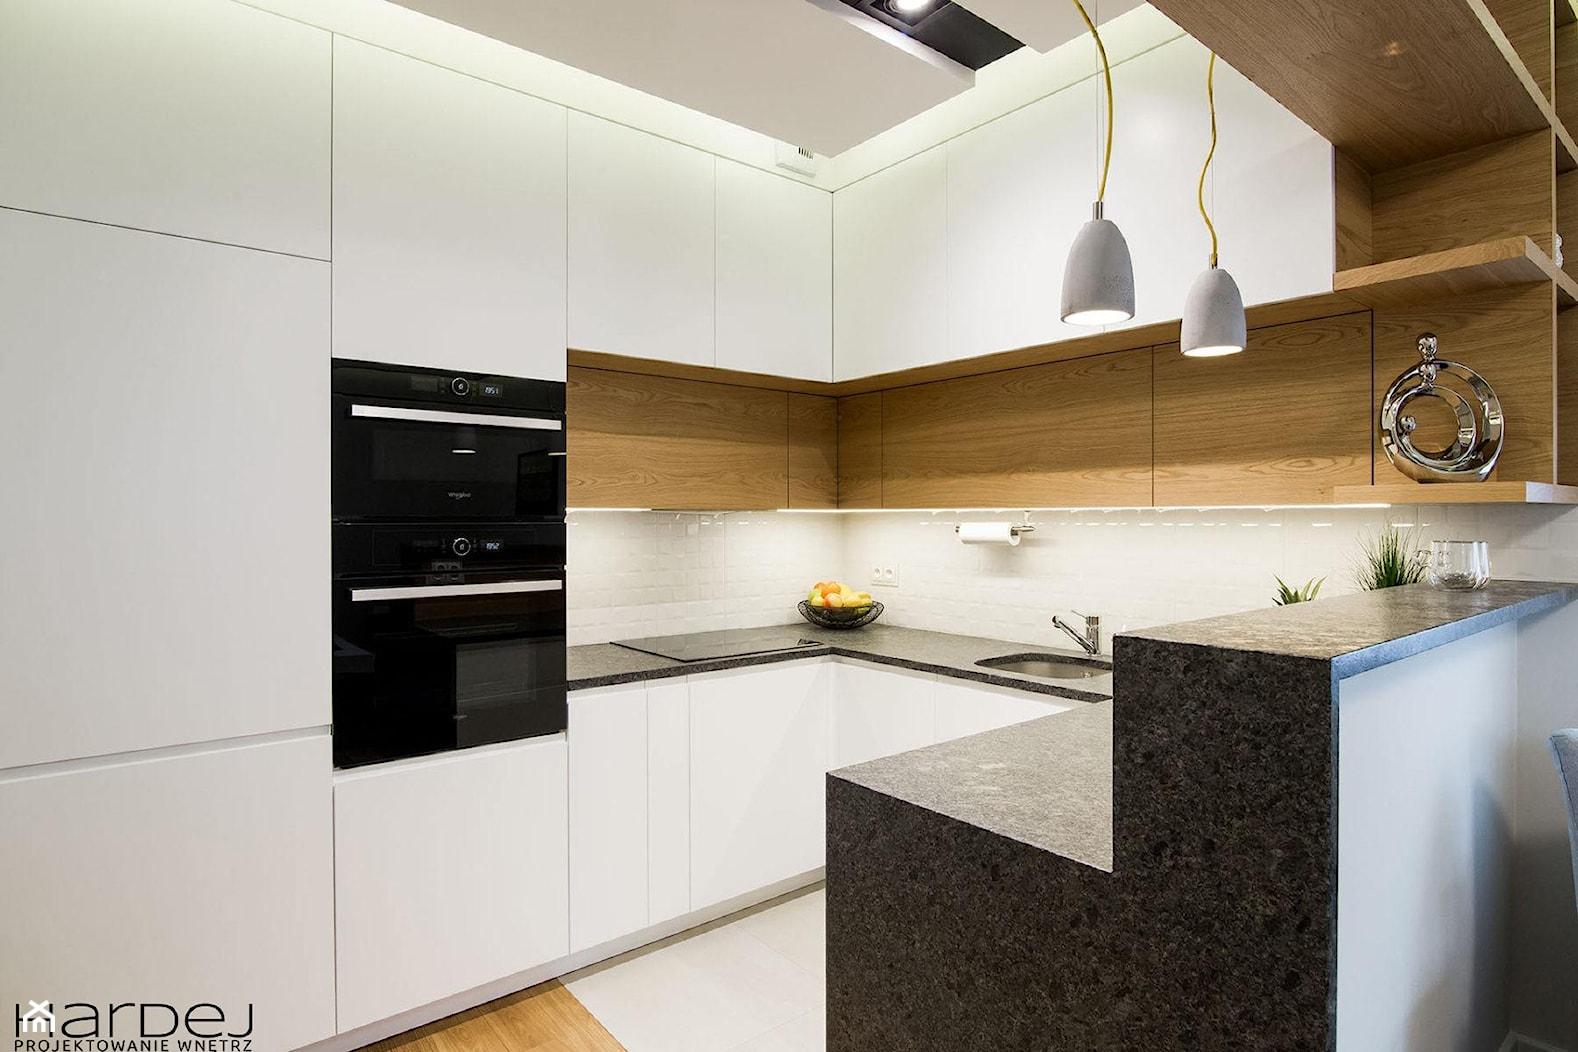 inspiracja drewnem - Średnia otwarta szara kuchnia w kształcie litery u, styl skandynawski - zdjęcie od Monika Hardej Architekt - Homebook